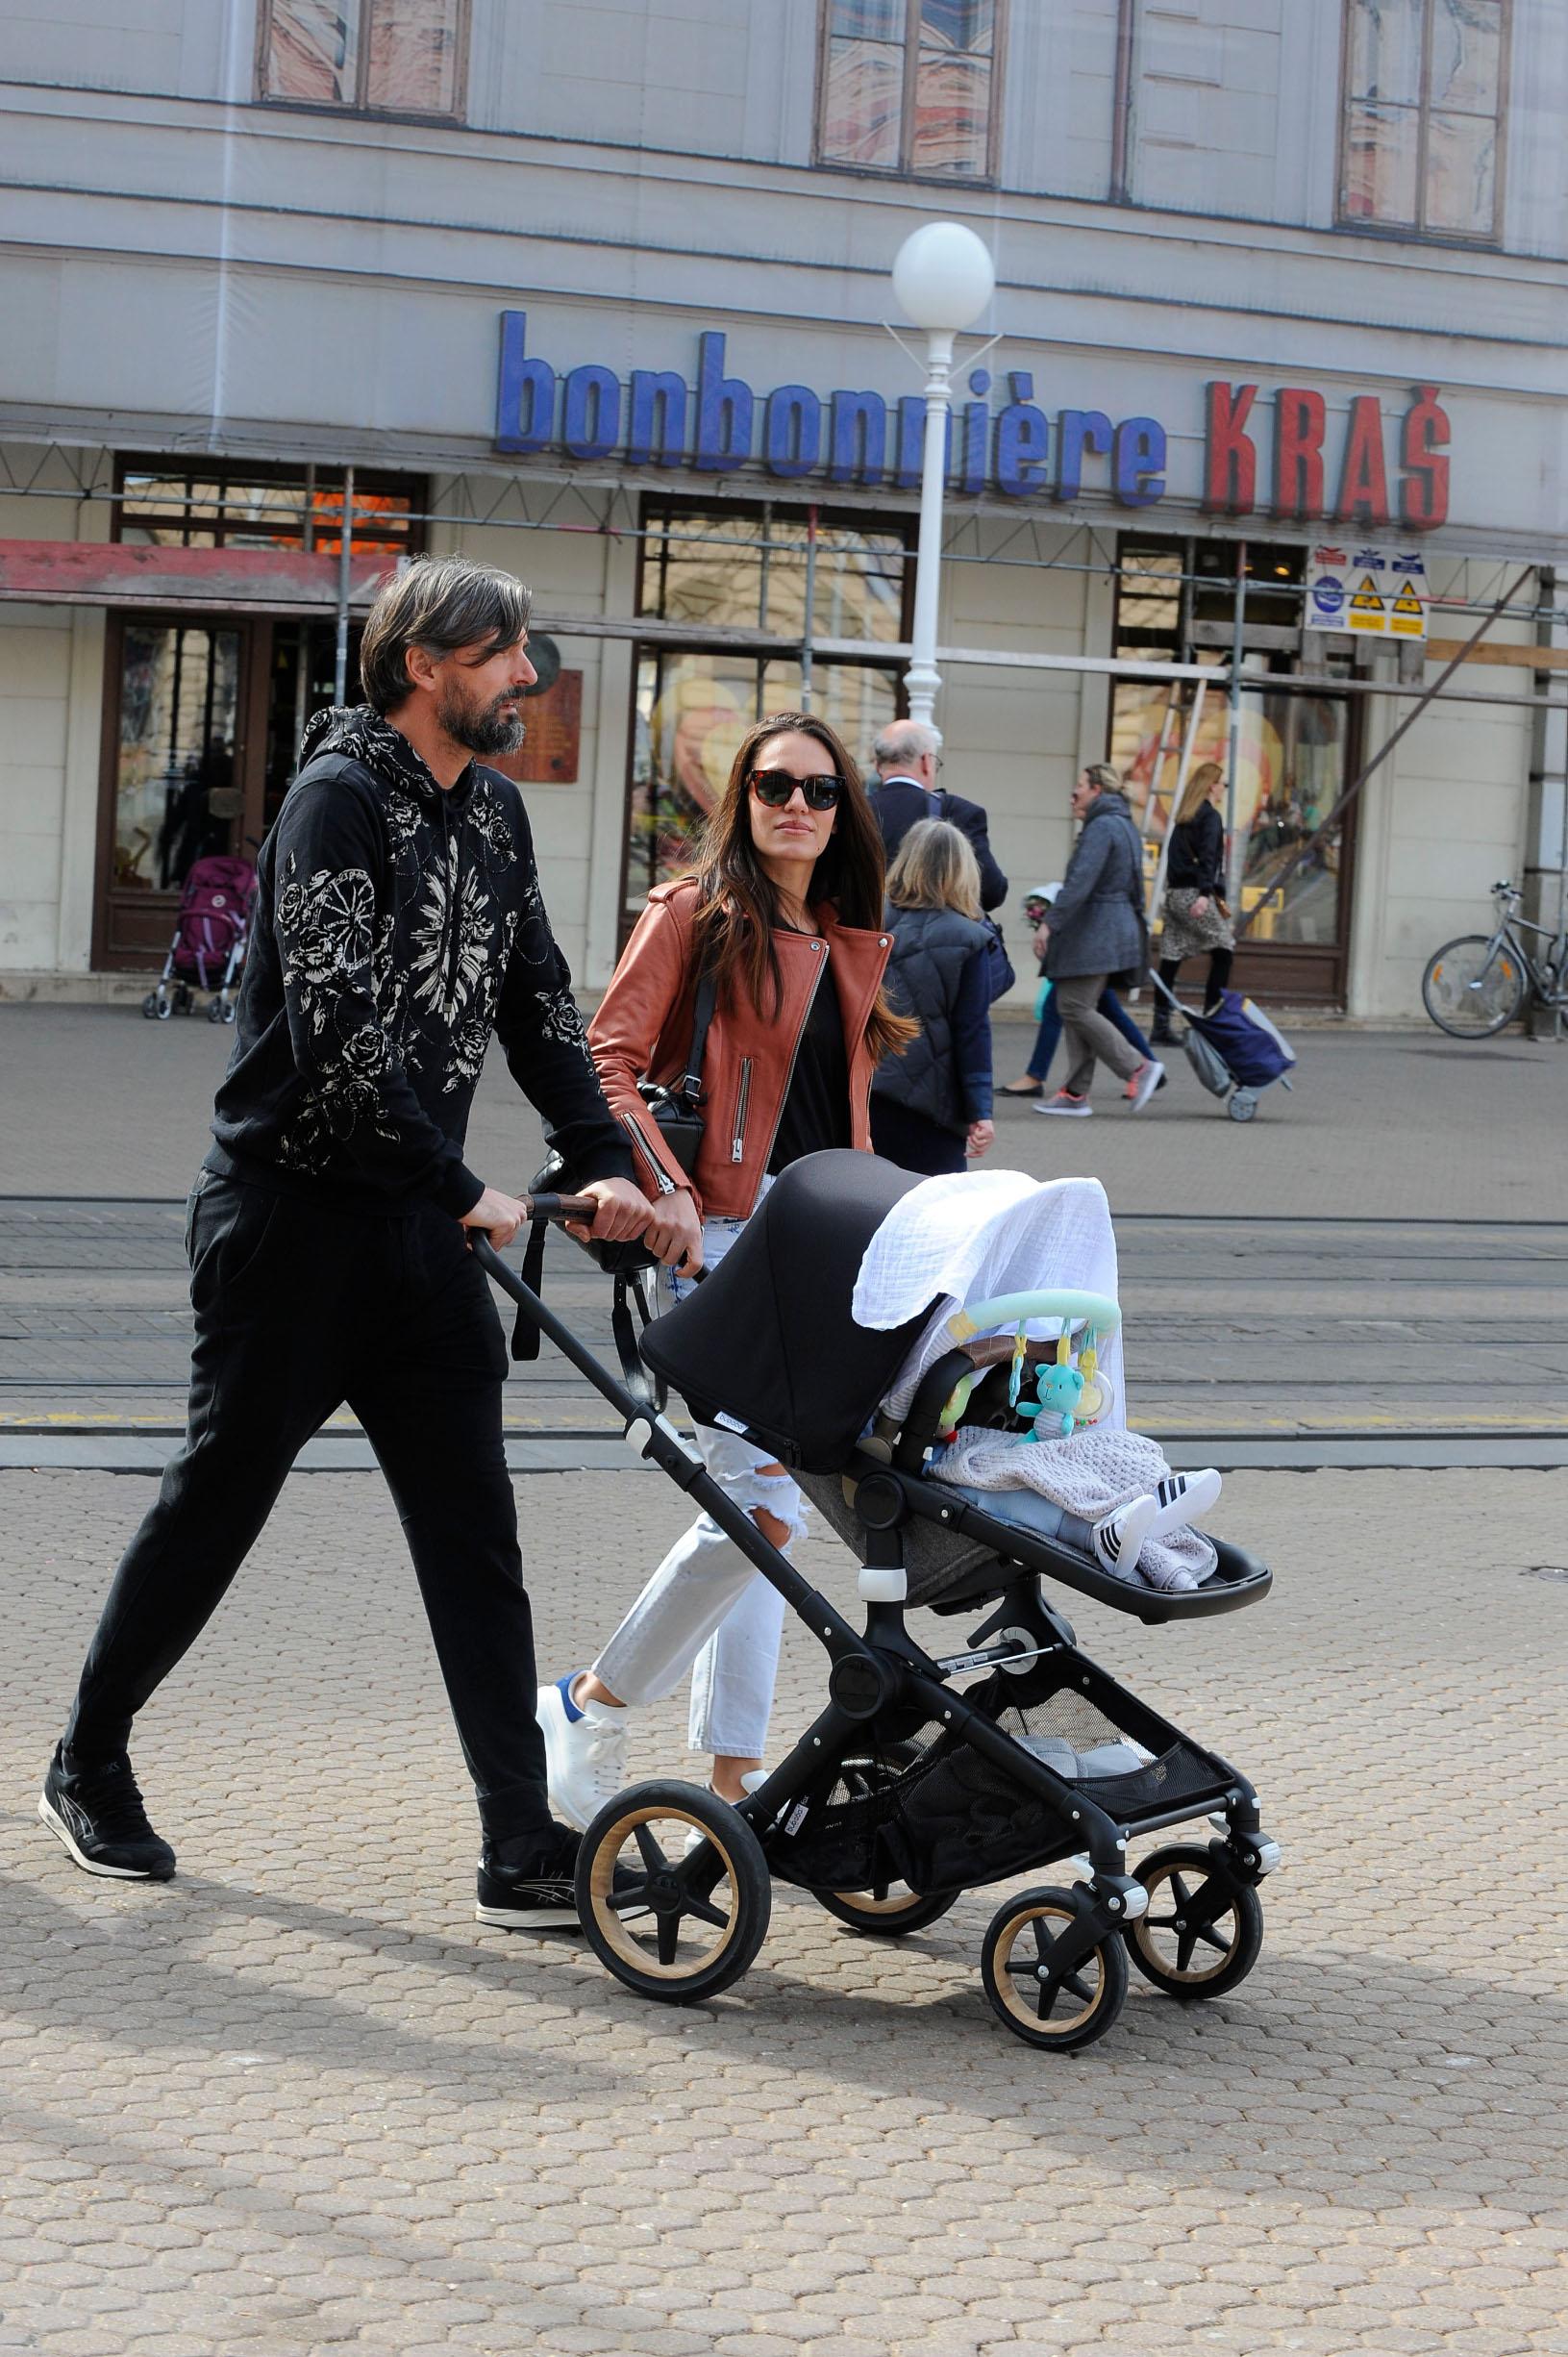 Spica / Zagreb 09.03.2019. / foto: Maja Jurovic / Goran Ivanisevic i supruga Nives Canovic Ivanisevic i sin Oliver